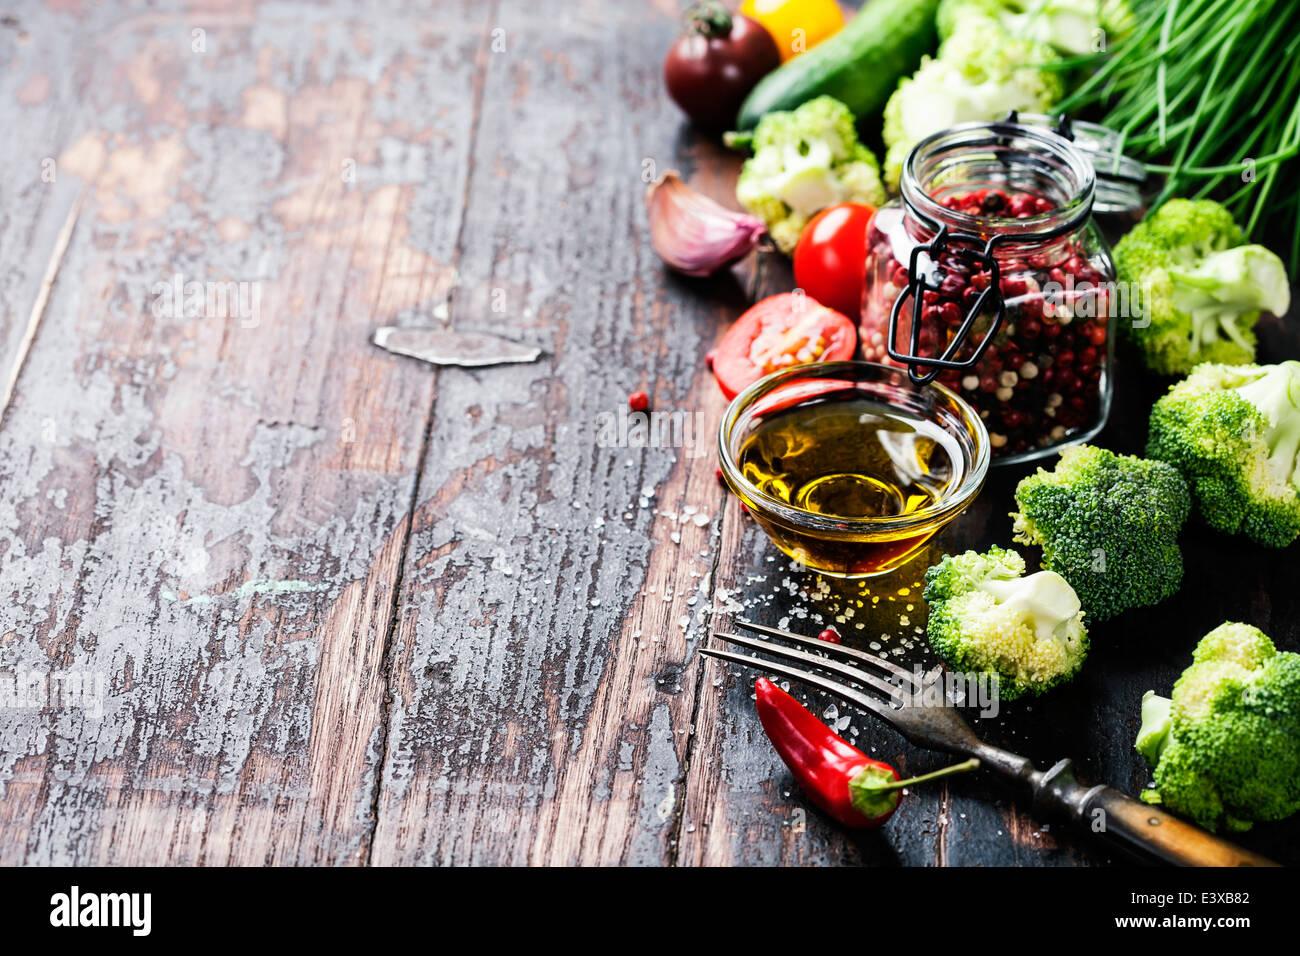 Le brocoli vert frais et sain des légumes biologiques sur un fond de bois. Photo Stock